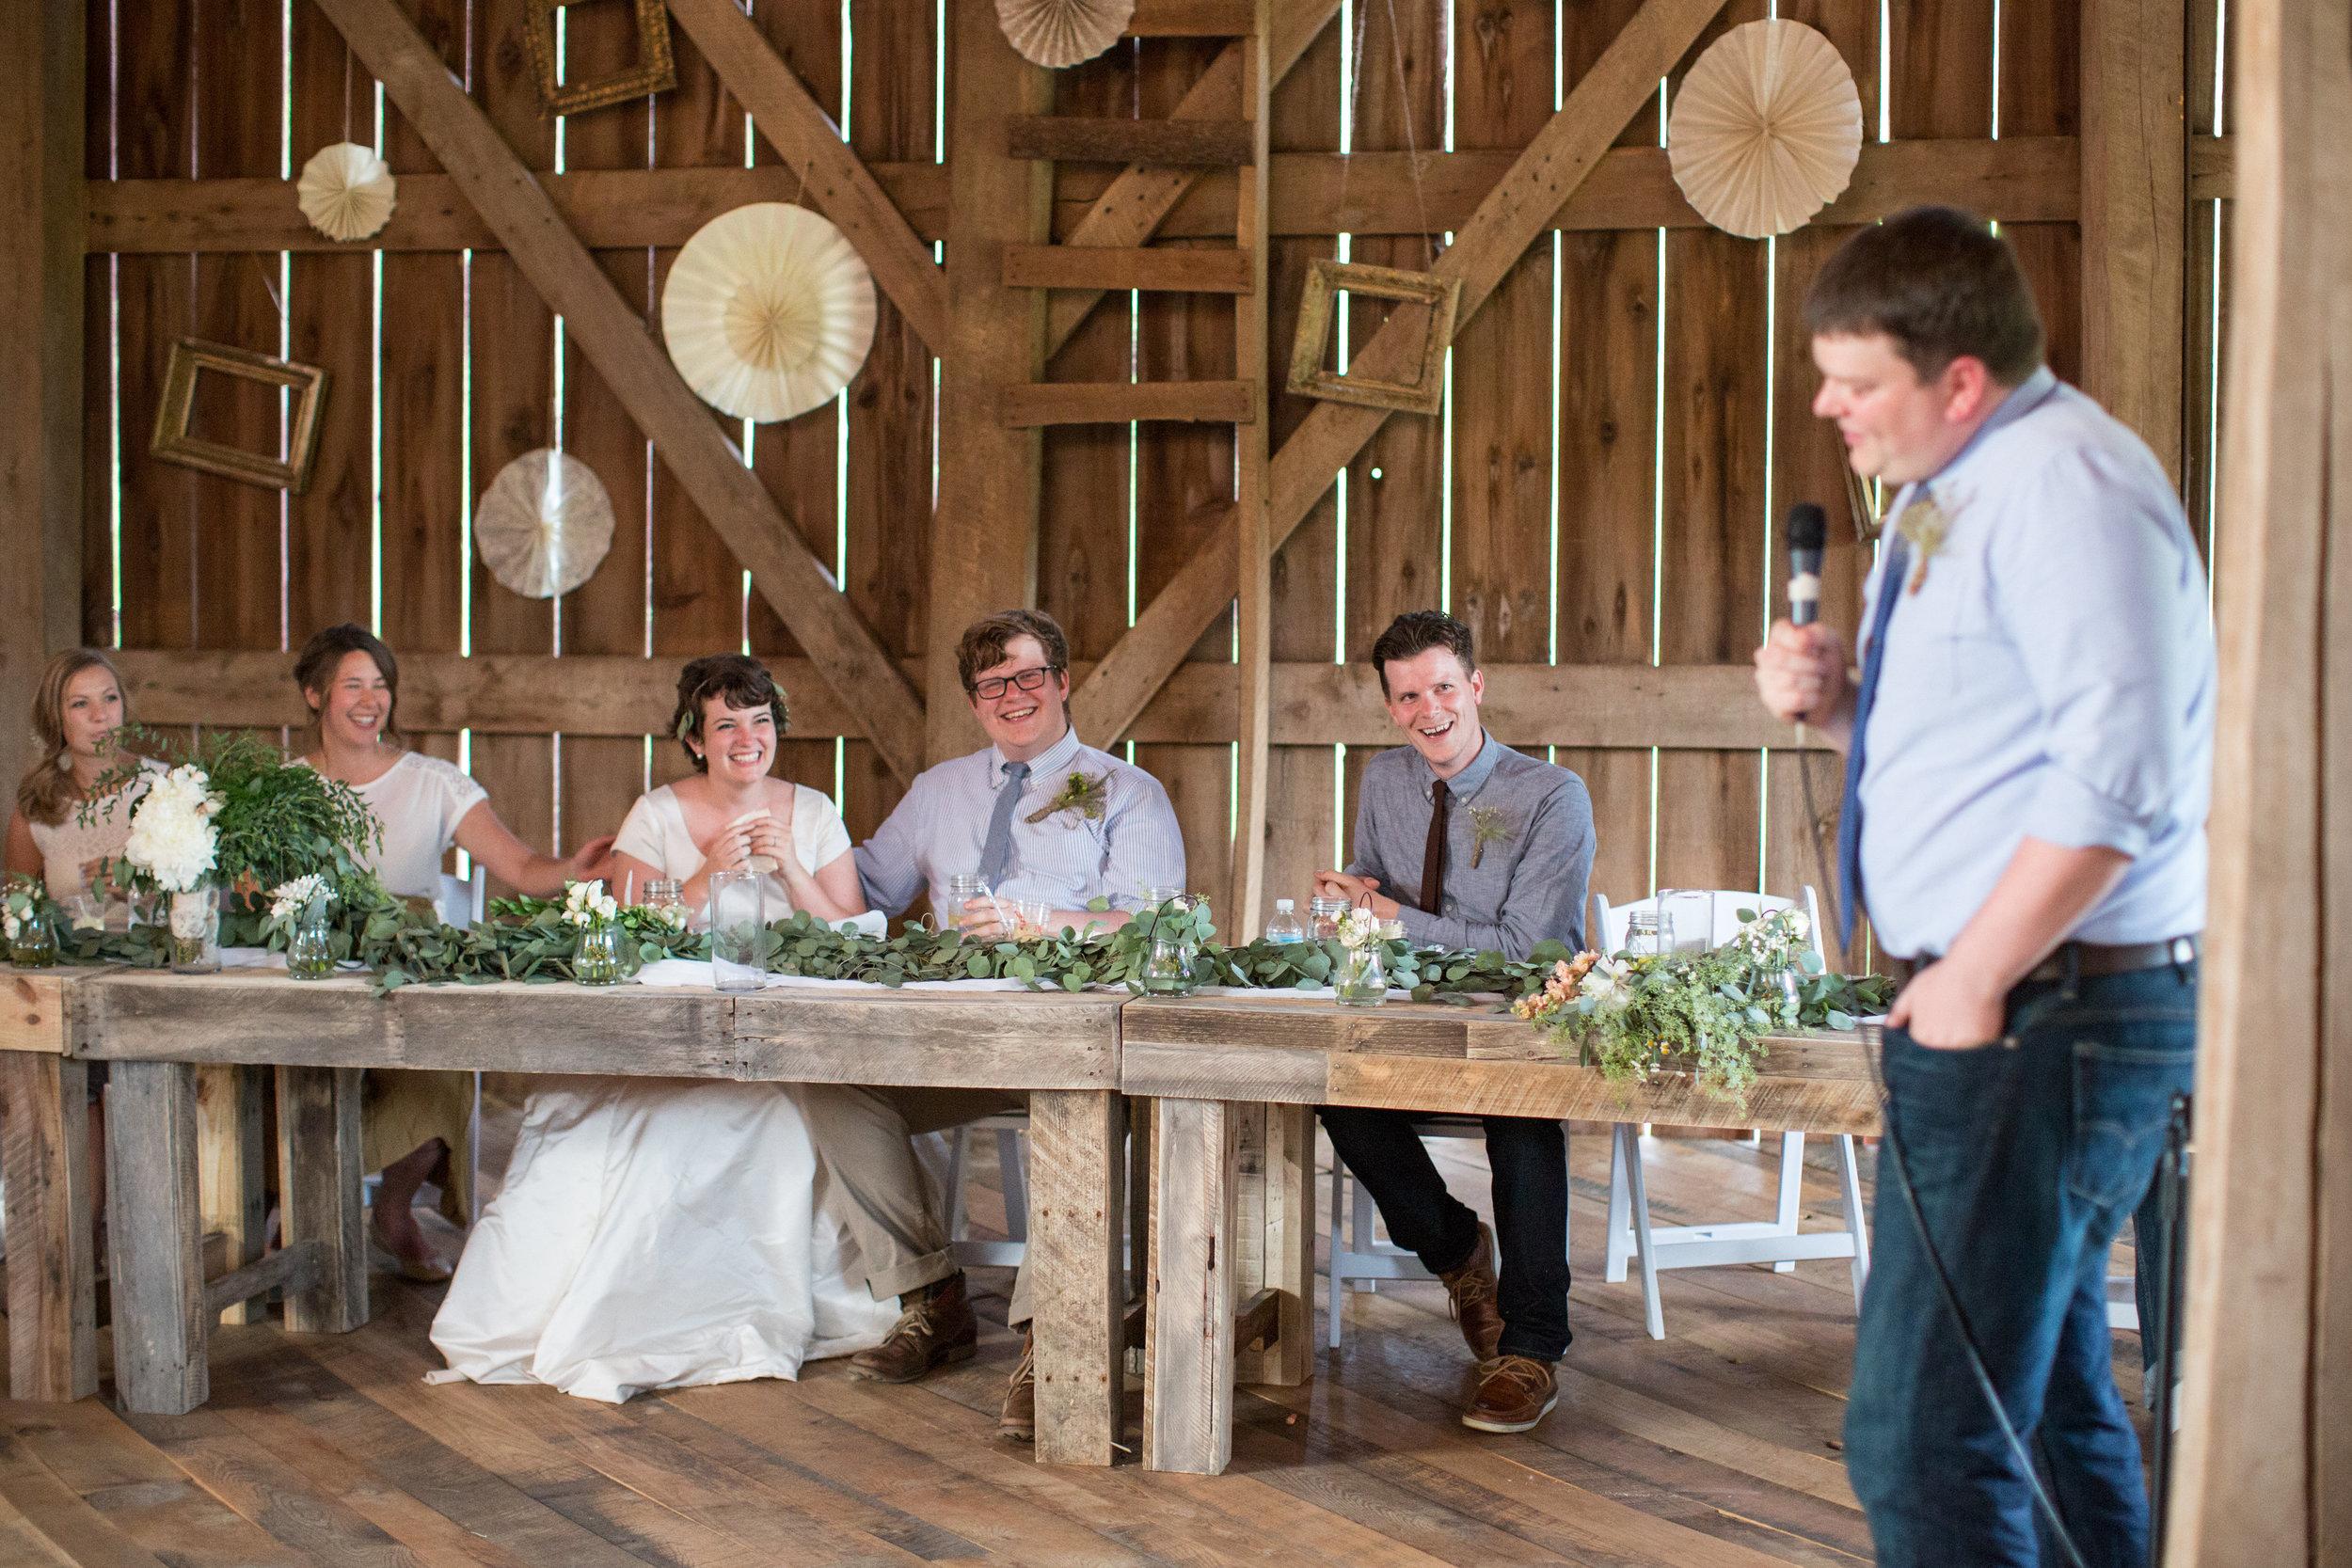 Erin-Bell-Photography-Bell-Wedding-5033.jpg